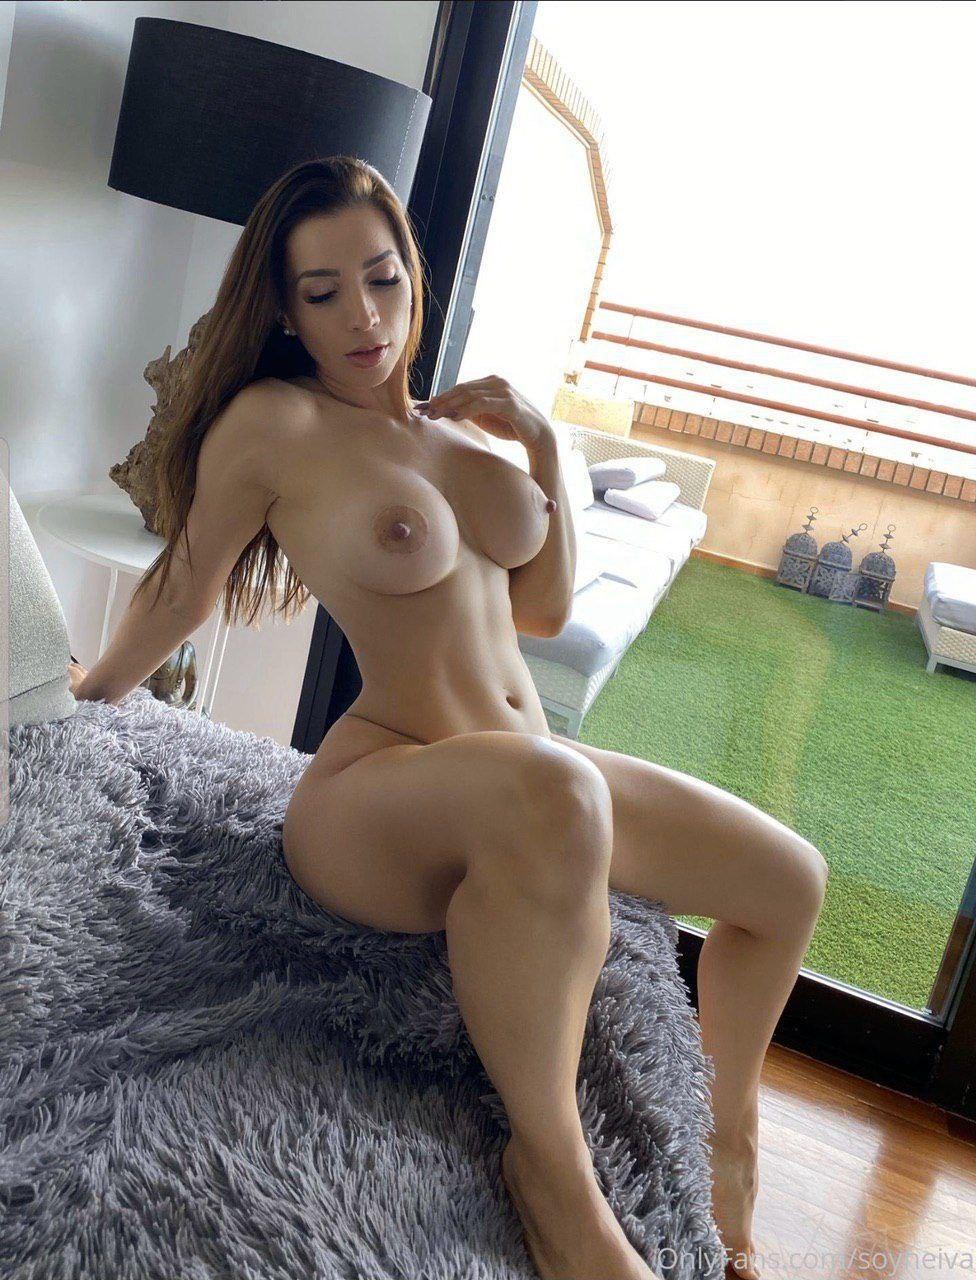 http://www.alrincon.com/imagenesblog3/videos/neiva4a.jpg